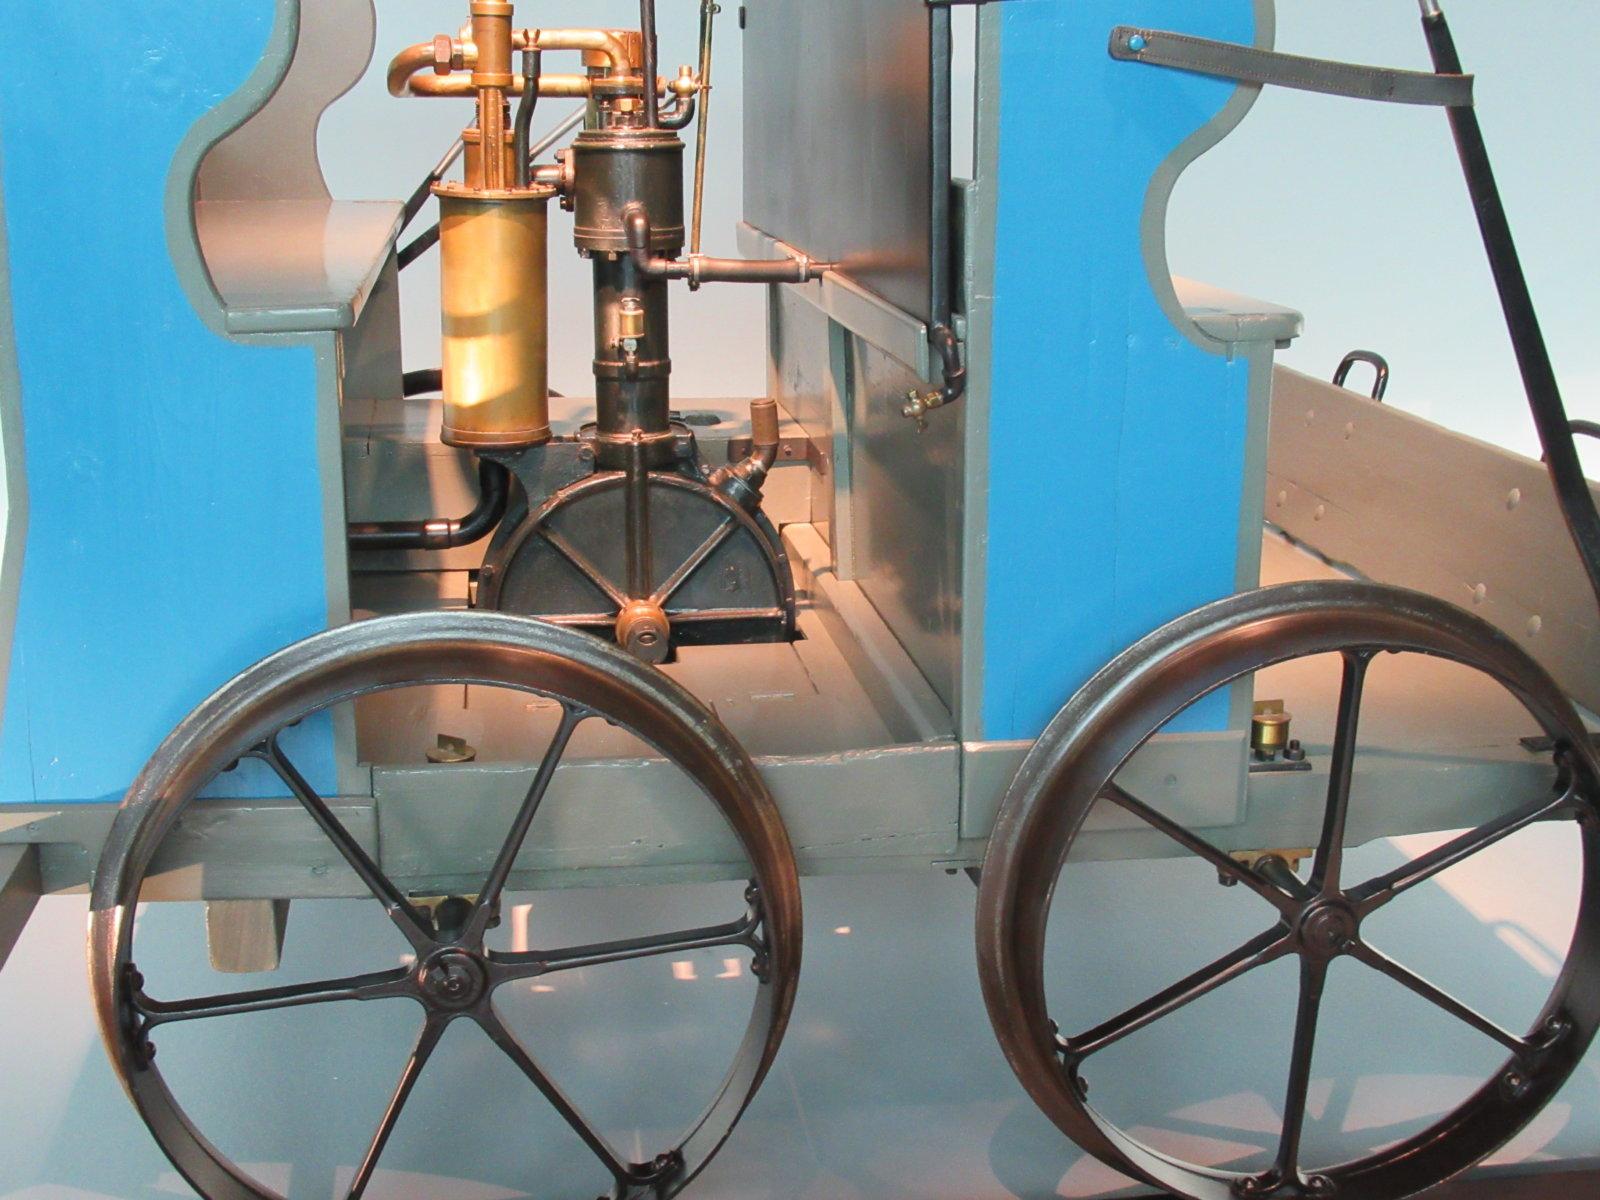 07-26 MB Bike 02